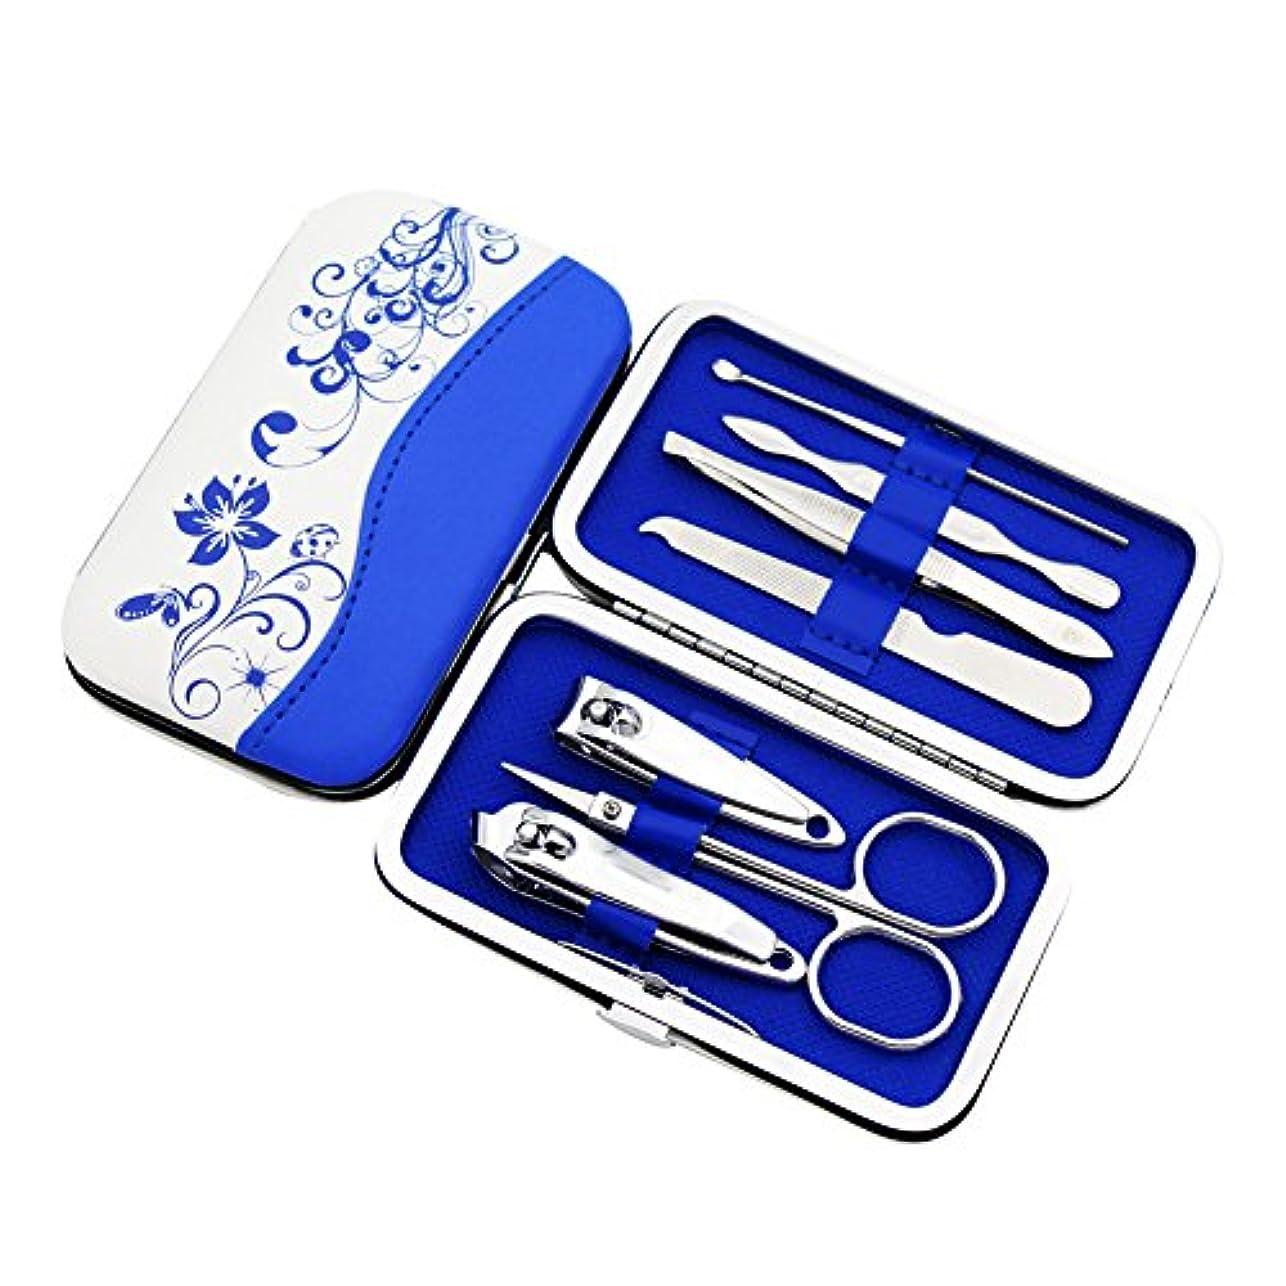 無駄に唯一スキルMyMei 爪切り 爪やすり 7点セット ステンレス製 携帯便利 収納ケース付き 耐摩 耐久